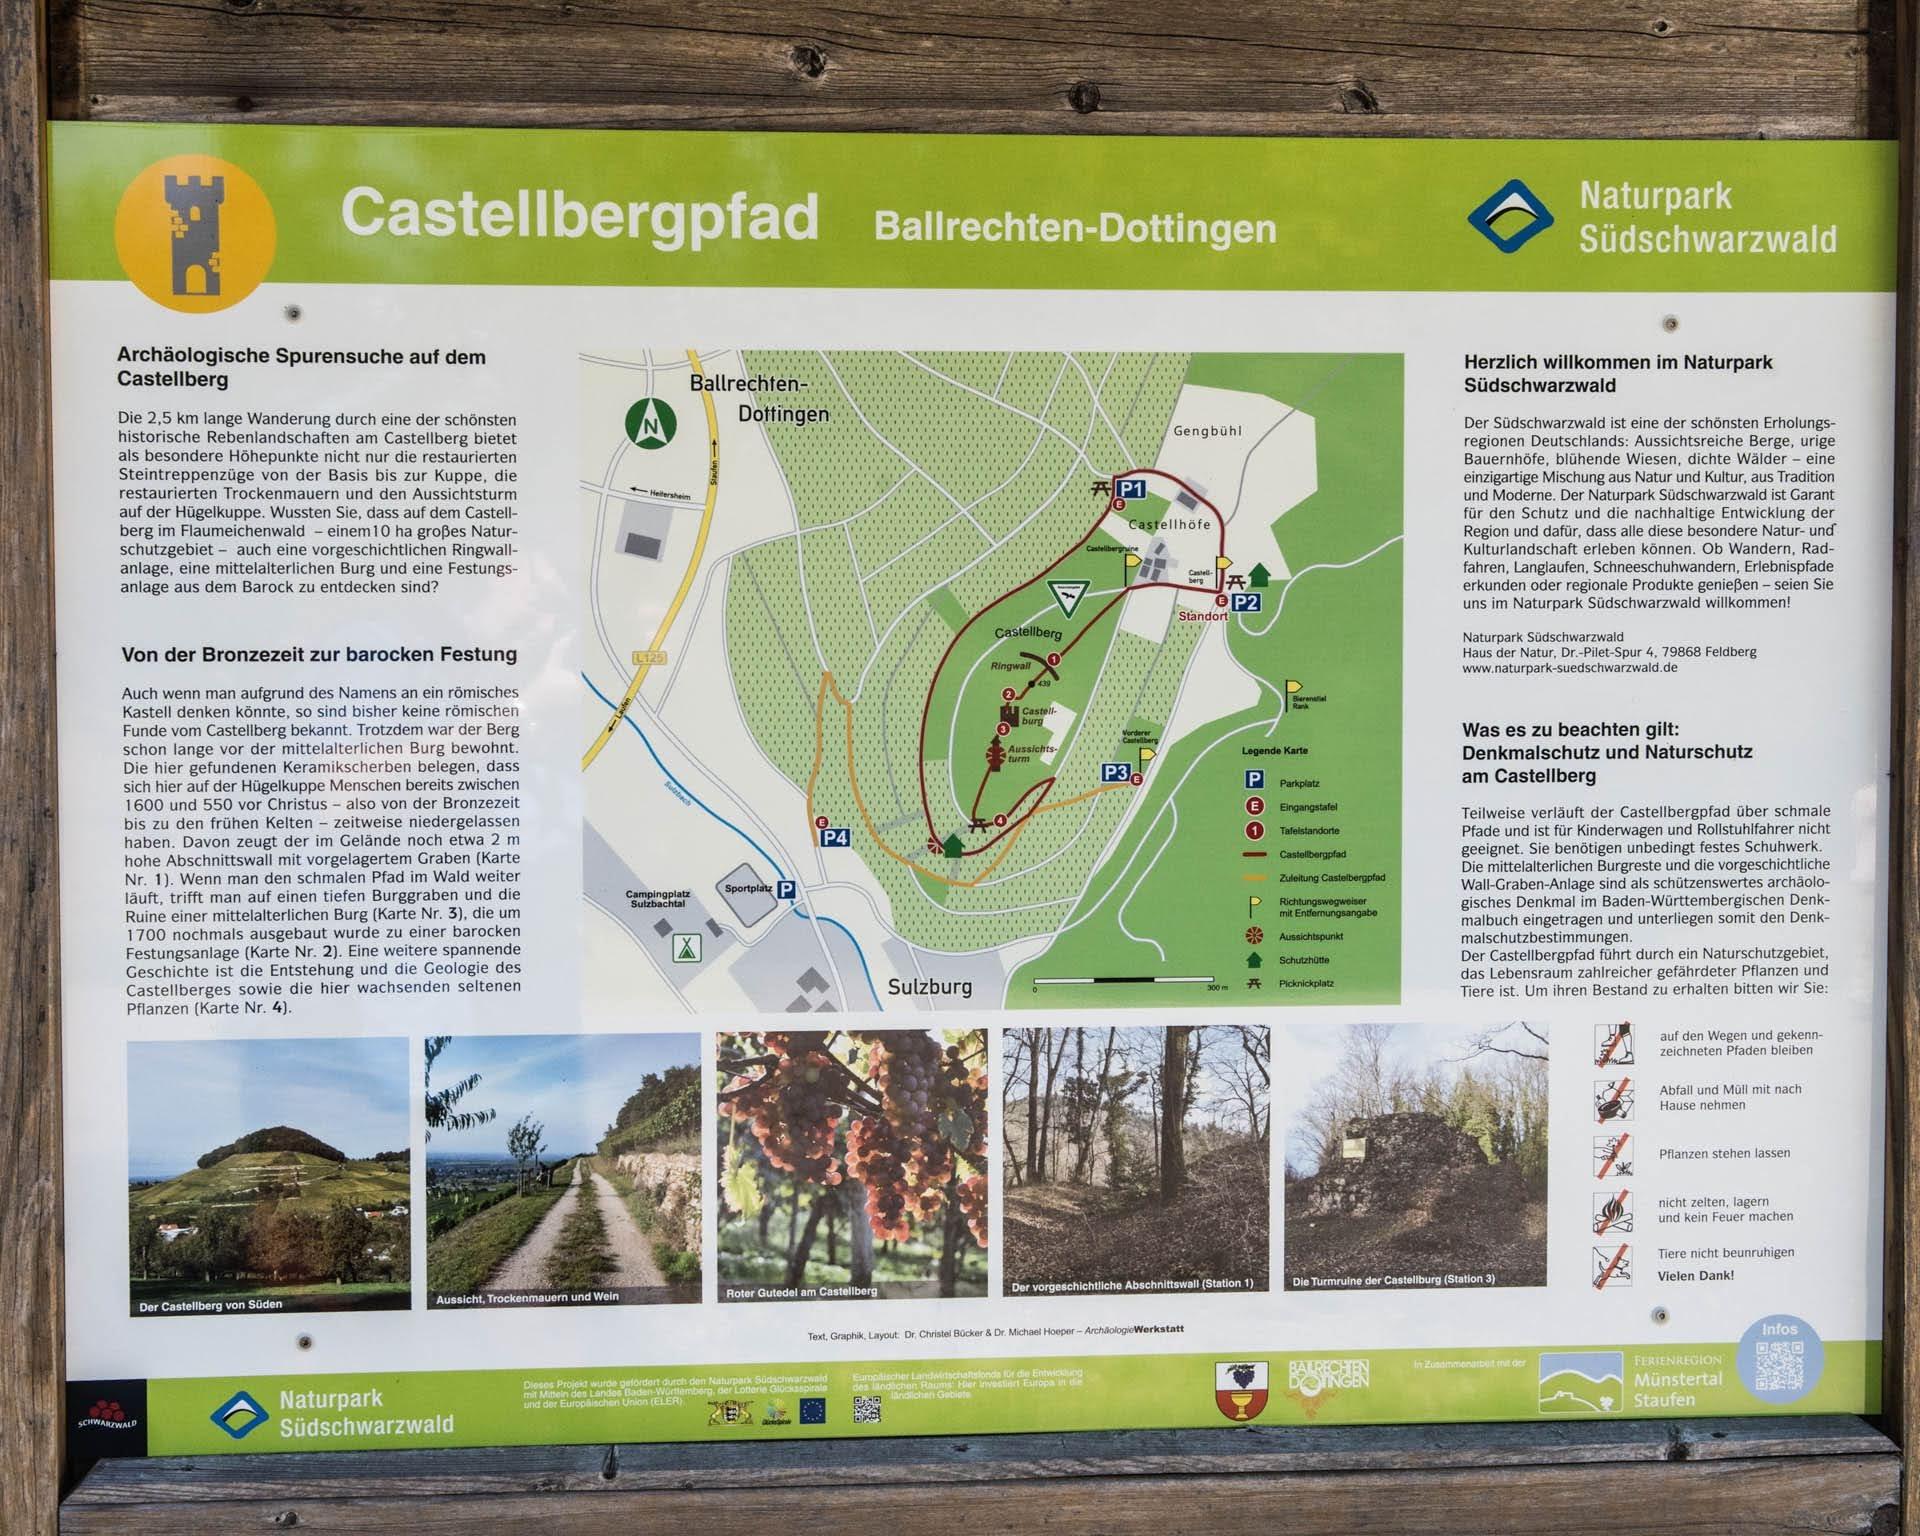 sulzburg_castellberg_073